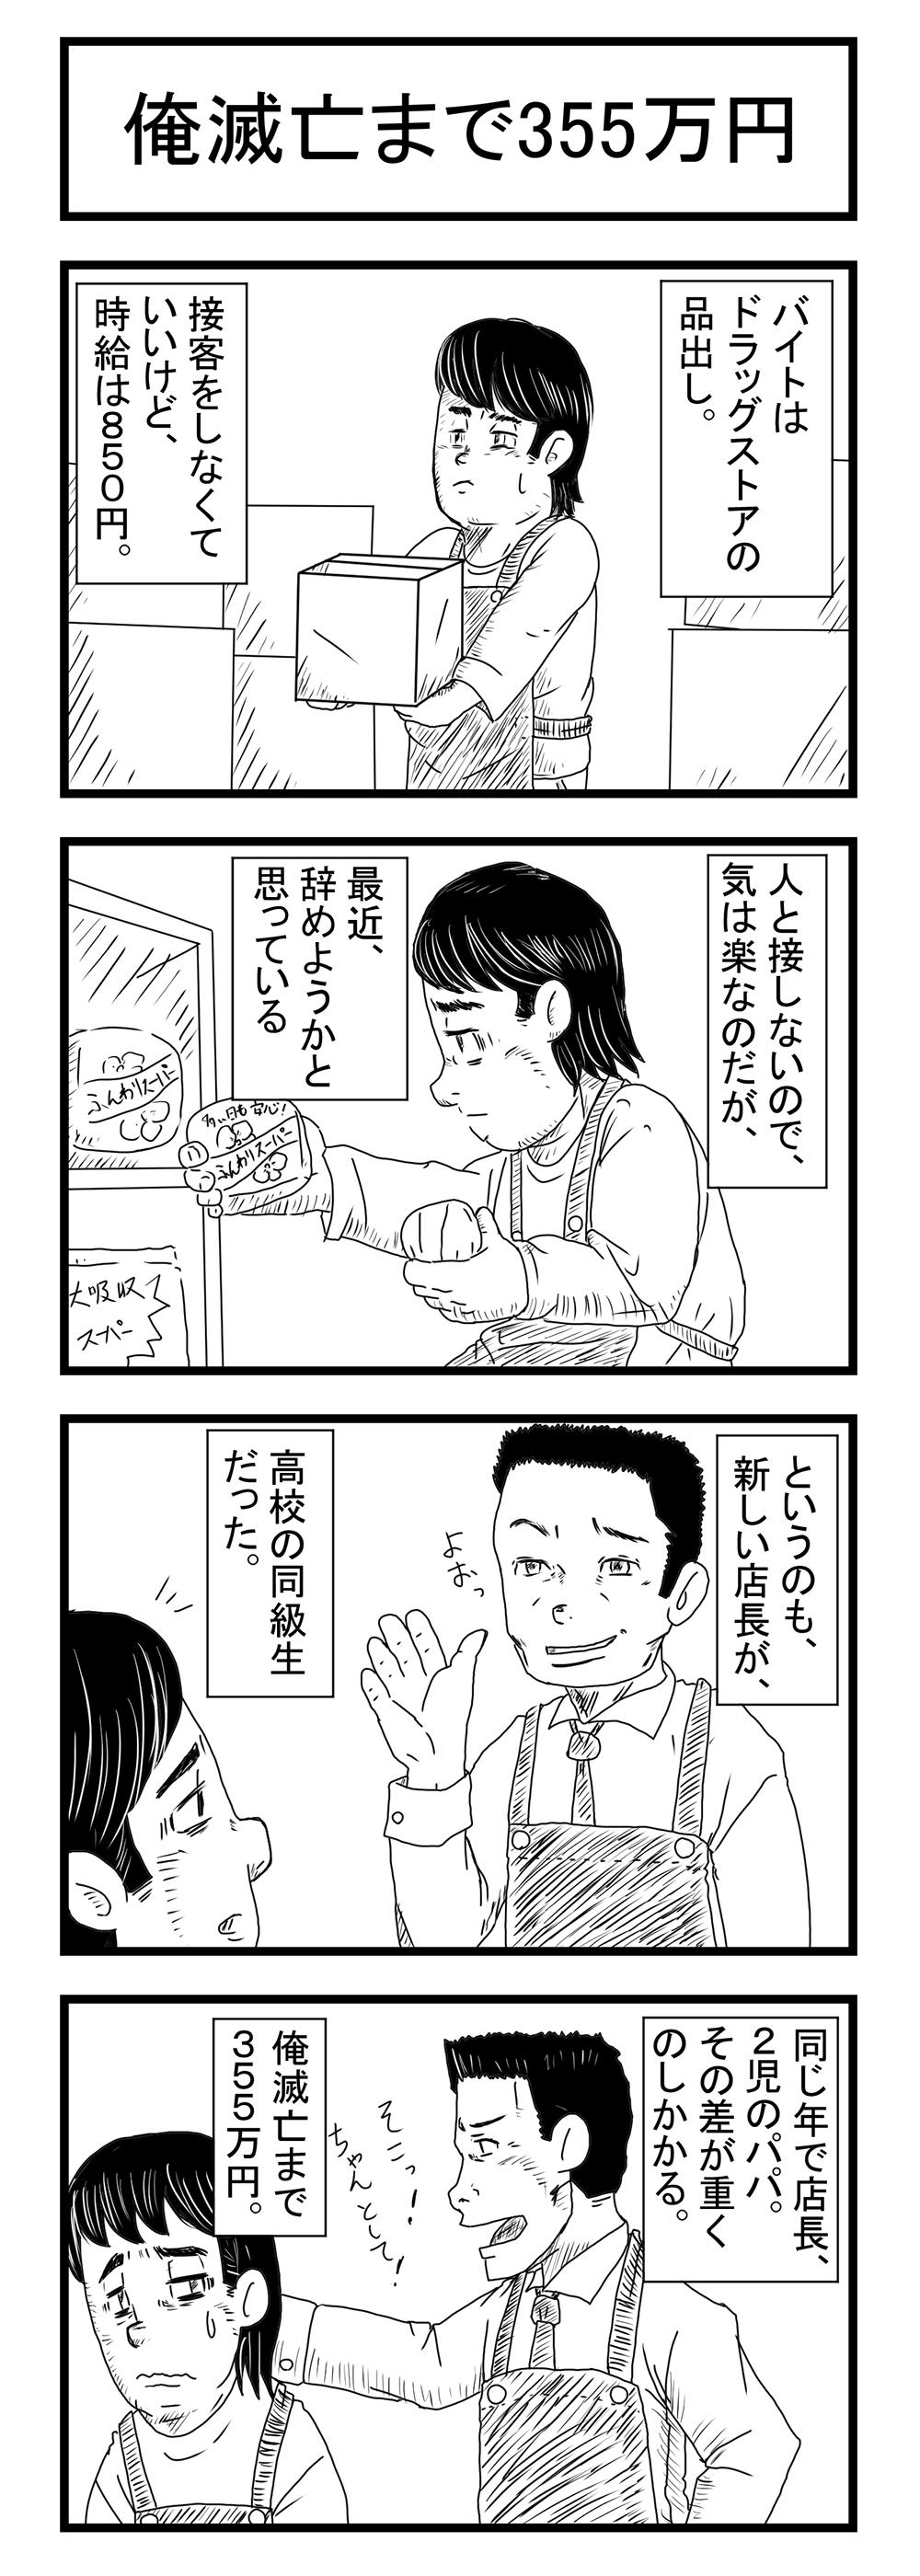 4コマ漫画「俺滅亡まで355万円」その3 (Raytrektabで描く漫画)#Raytrektab #4コマ漫画 #お金の話